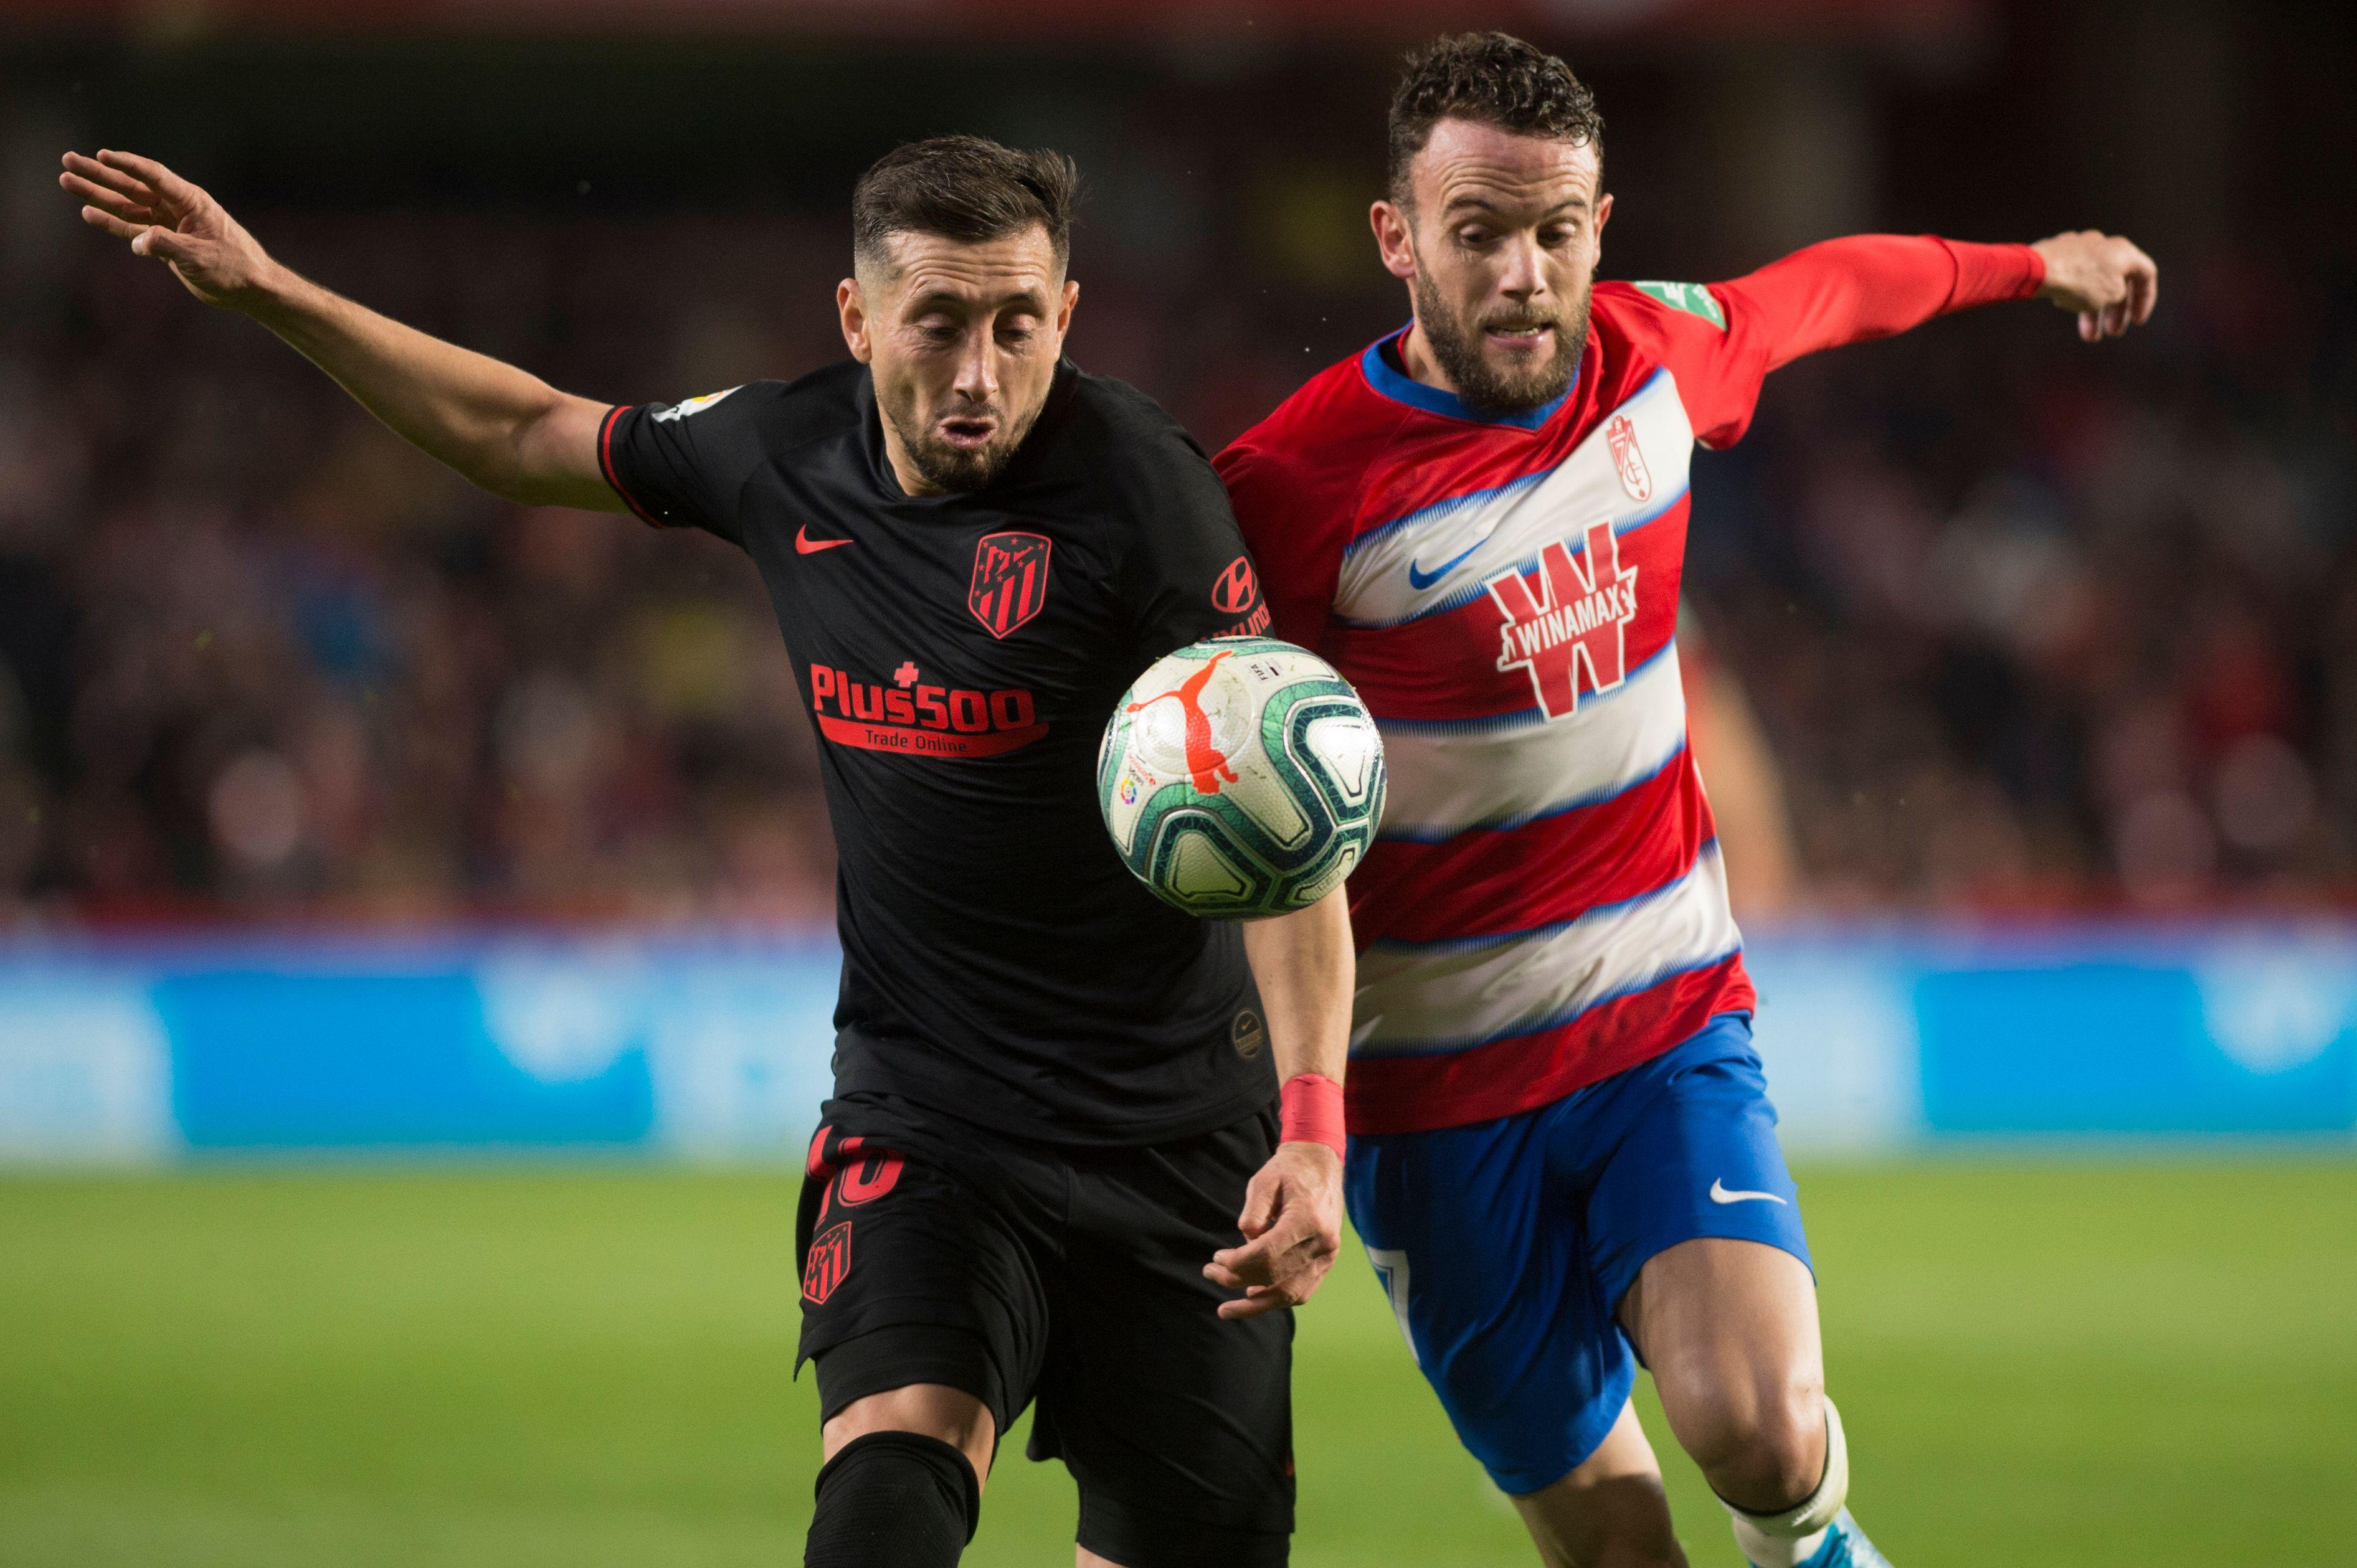 Con asistencia de Héctor Herrera, el Atlético empata contra el Granada